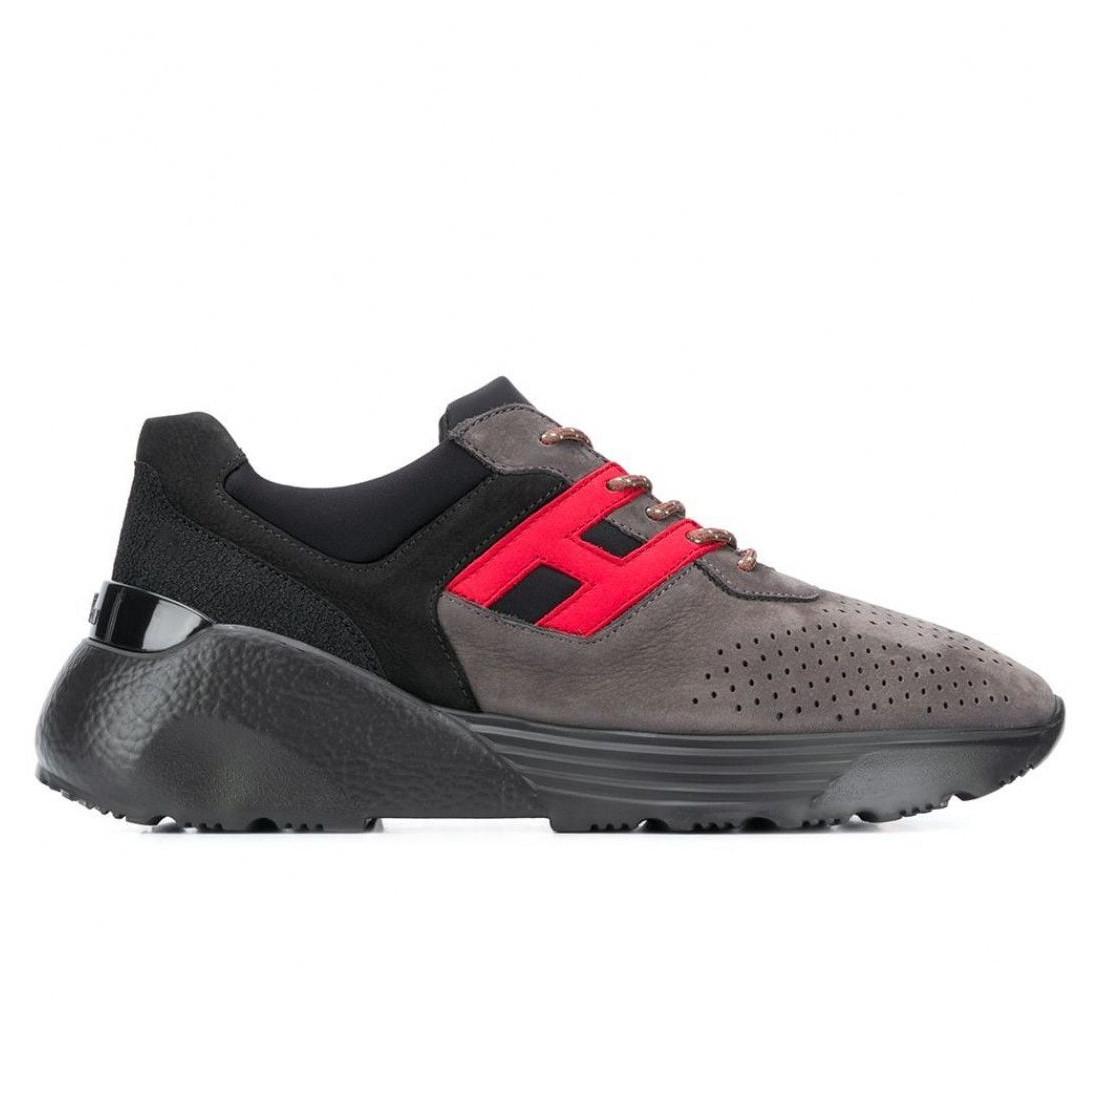 Sneaker da uomo Hogan Active One grigia, nera e rossa